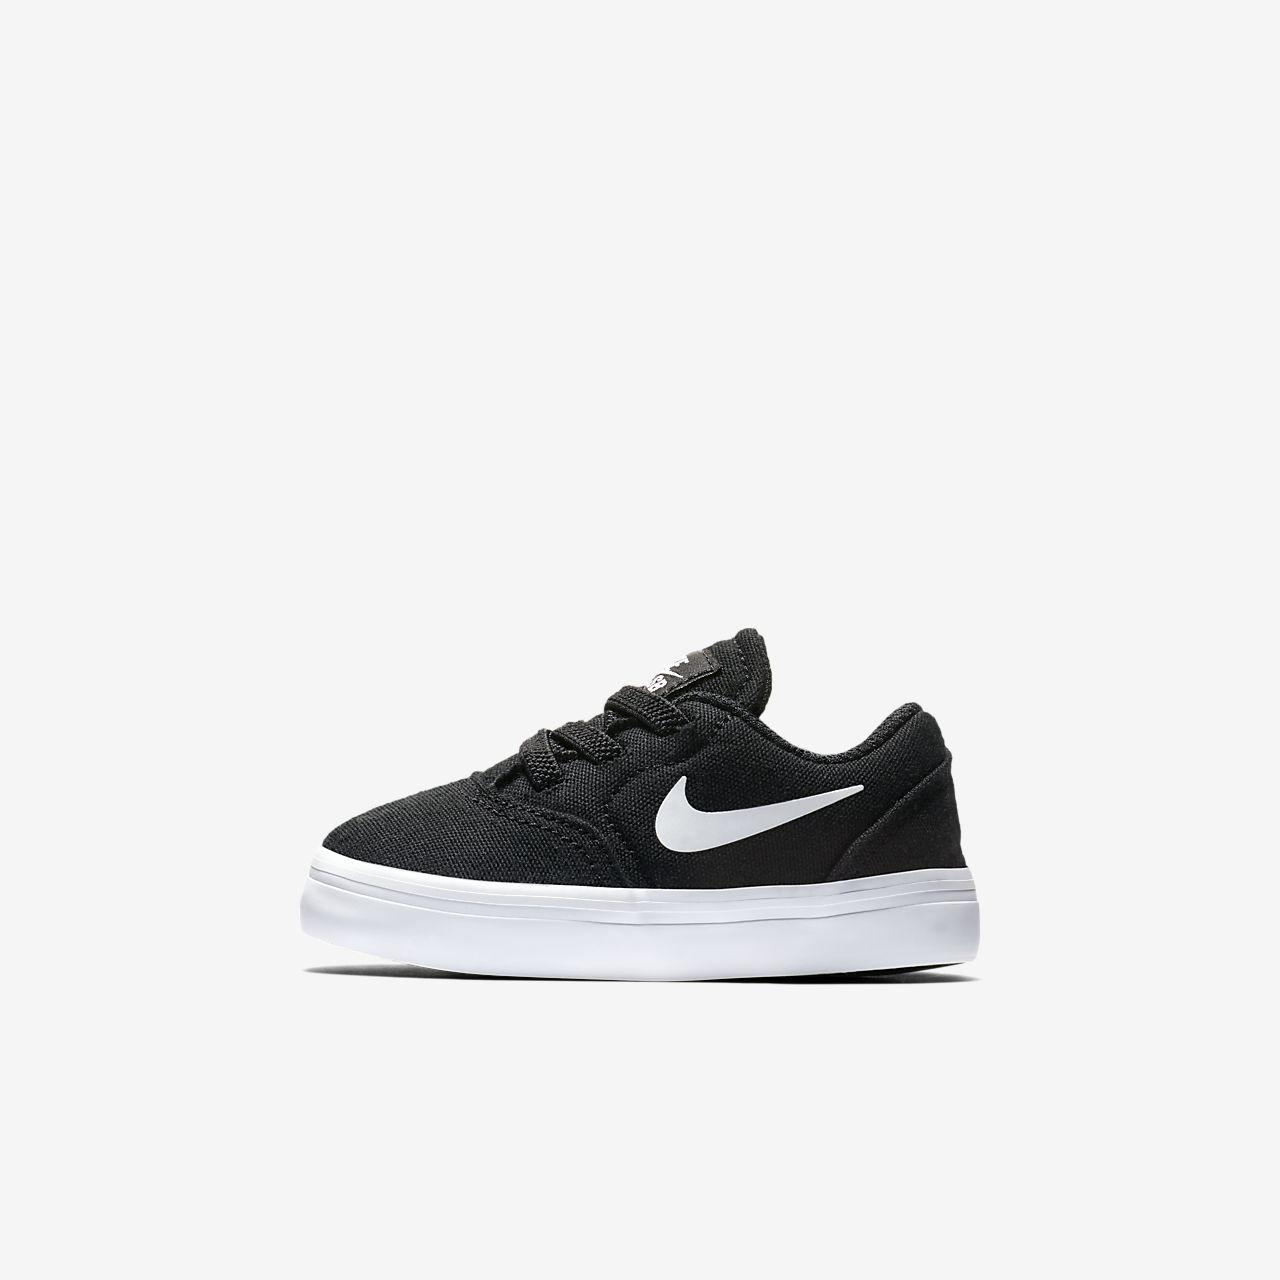 Παπούτσι Nike SB Check Canvas για βρέφη και νήπια